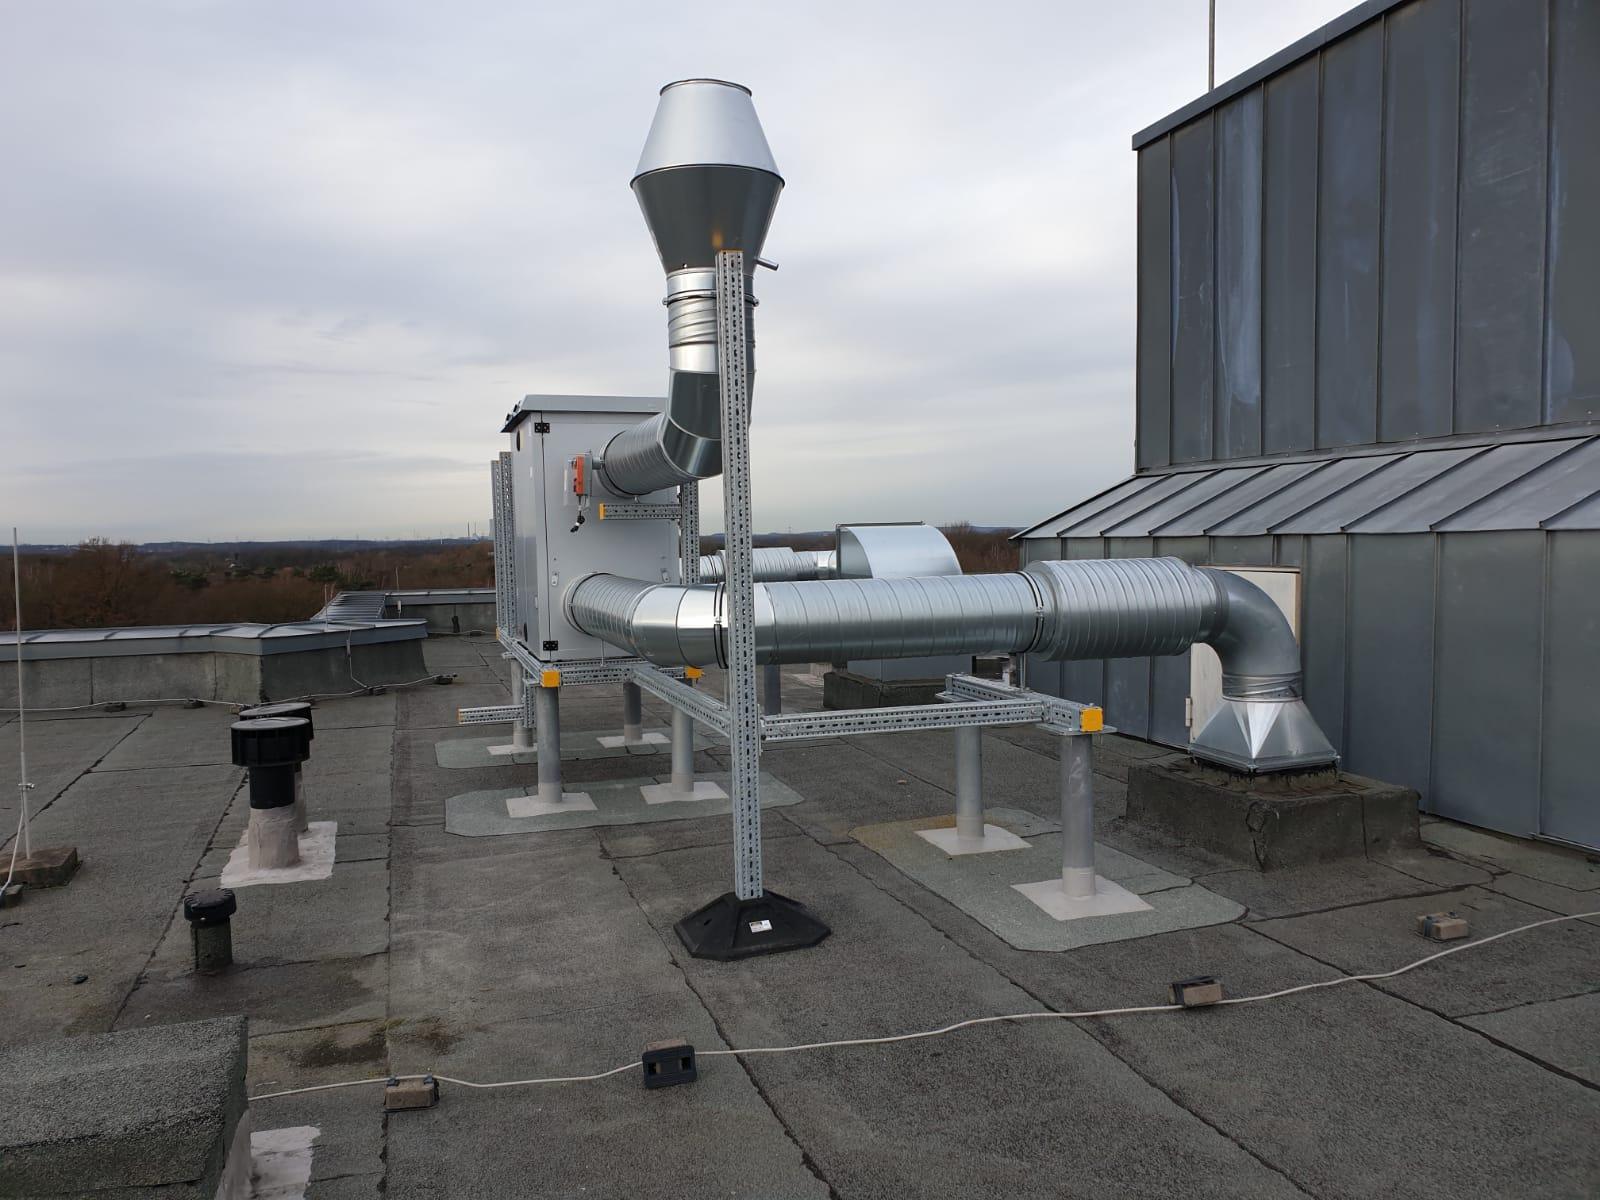 Praxisbeispiel einer RLT-Anlage auf einem Flachdach